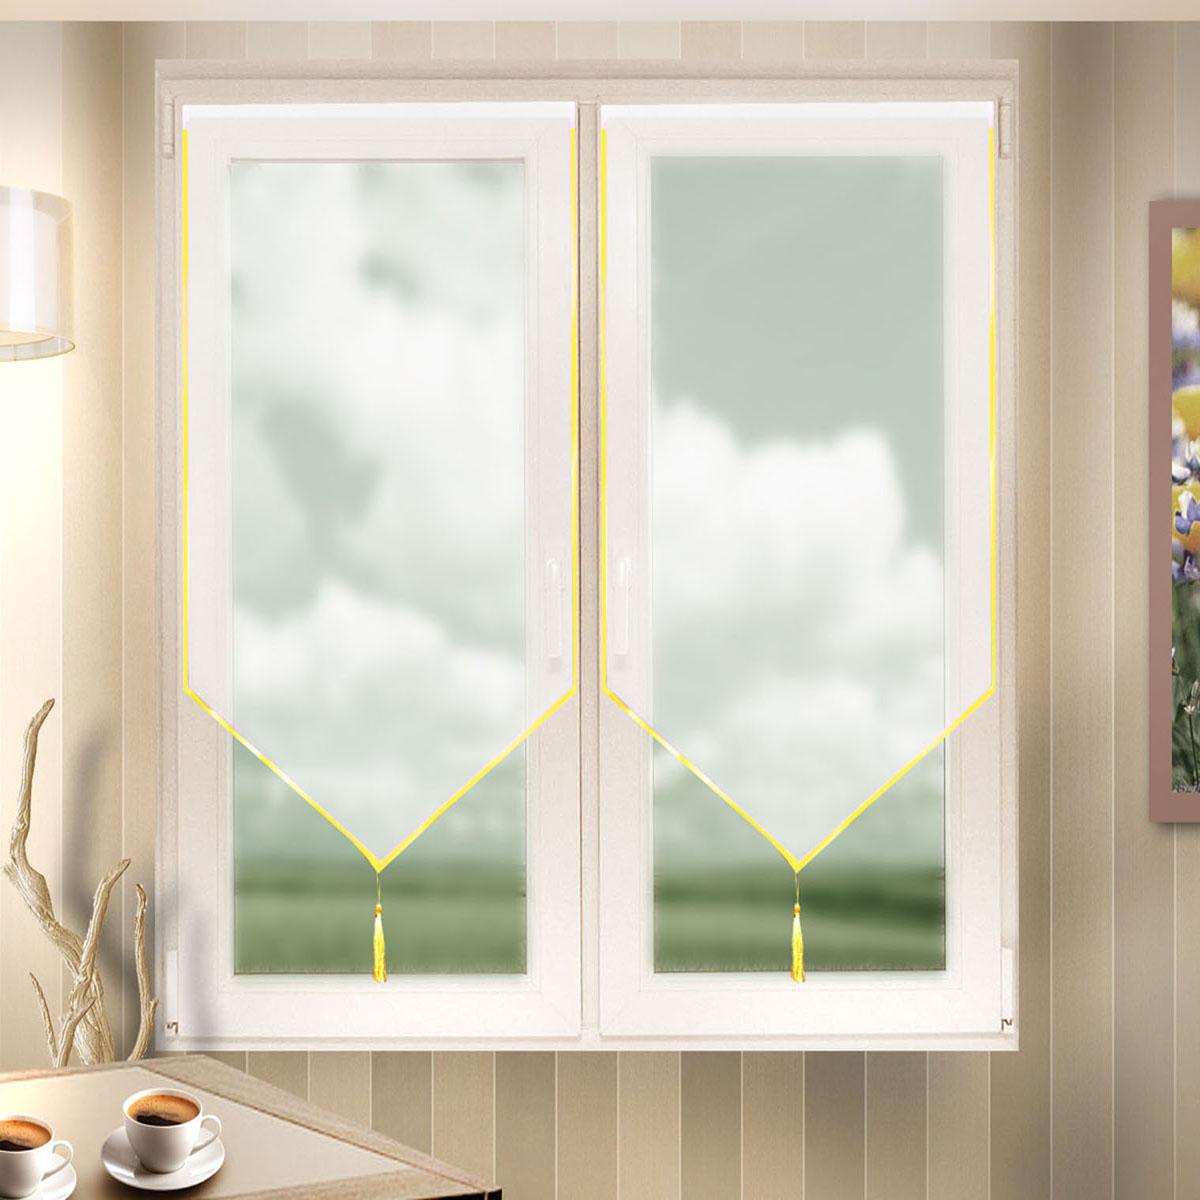 Гардина Zlata Korunka, на липкой ленте, цвет: белый, высота 90 см. 666022/2666022/2Гардина на липкой ленте Zlata Korunka, изготовленная из легкого полиэстера, станет великолепным украшением любого окна. Полотно из белой вуали привлечет к себе внимание и органично впишется в интерьер комнаты. Крепление на липкой ленте, не требующее сверления стен и карниза. Многоразовое и мгновенное крепление.